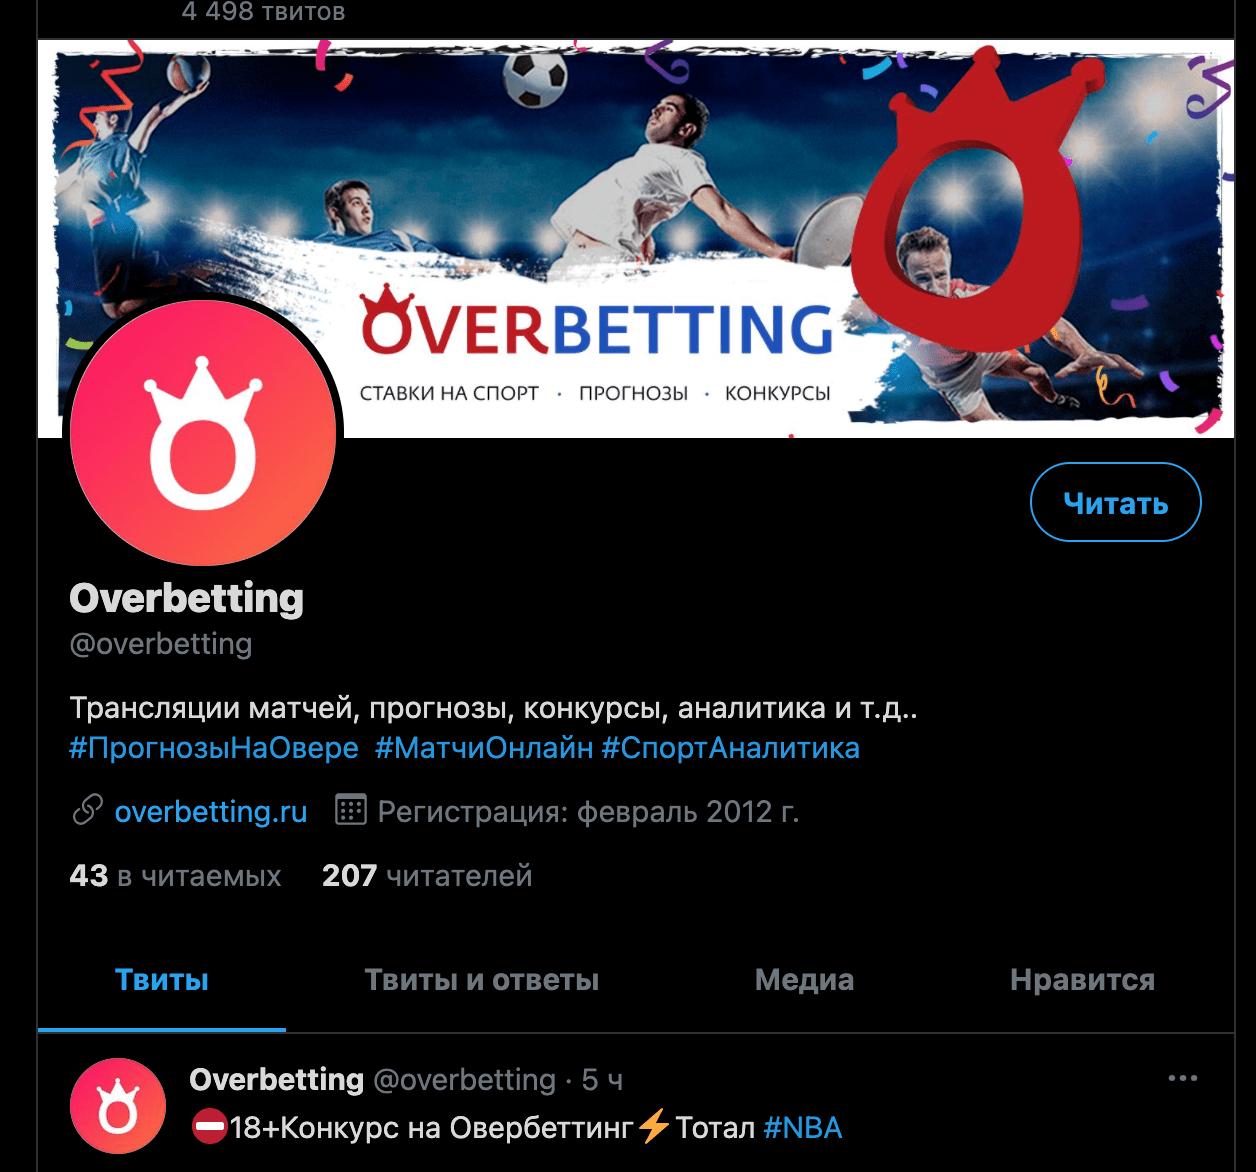 Твиттер аккаунт Overbetting.expert(Овербеттинг.эксперт)